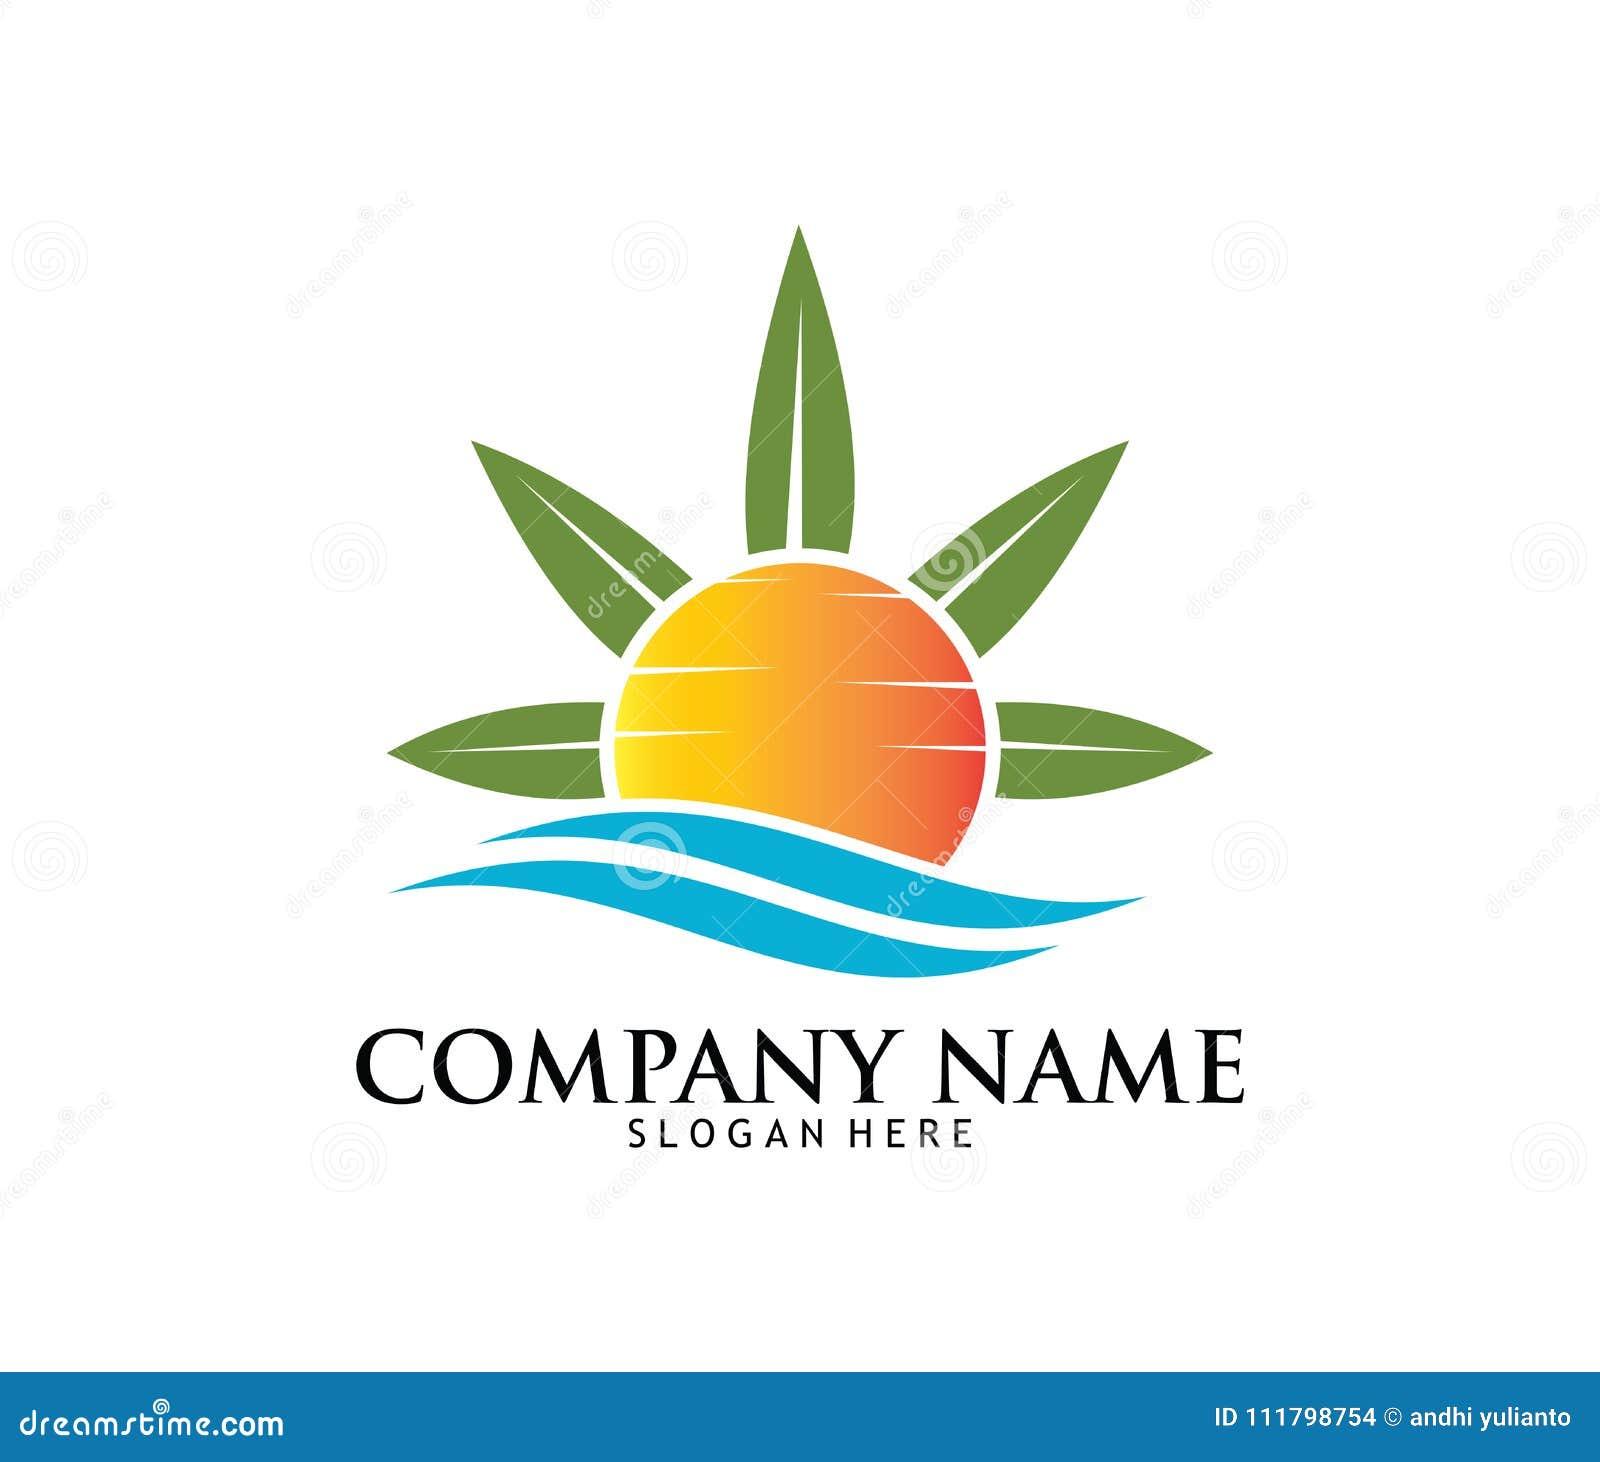 Ιατρικό σχέδιο εργαστηριακών λογότυπων φαρμακείων φαρμάκων καννάβεων μαριχουάνα